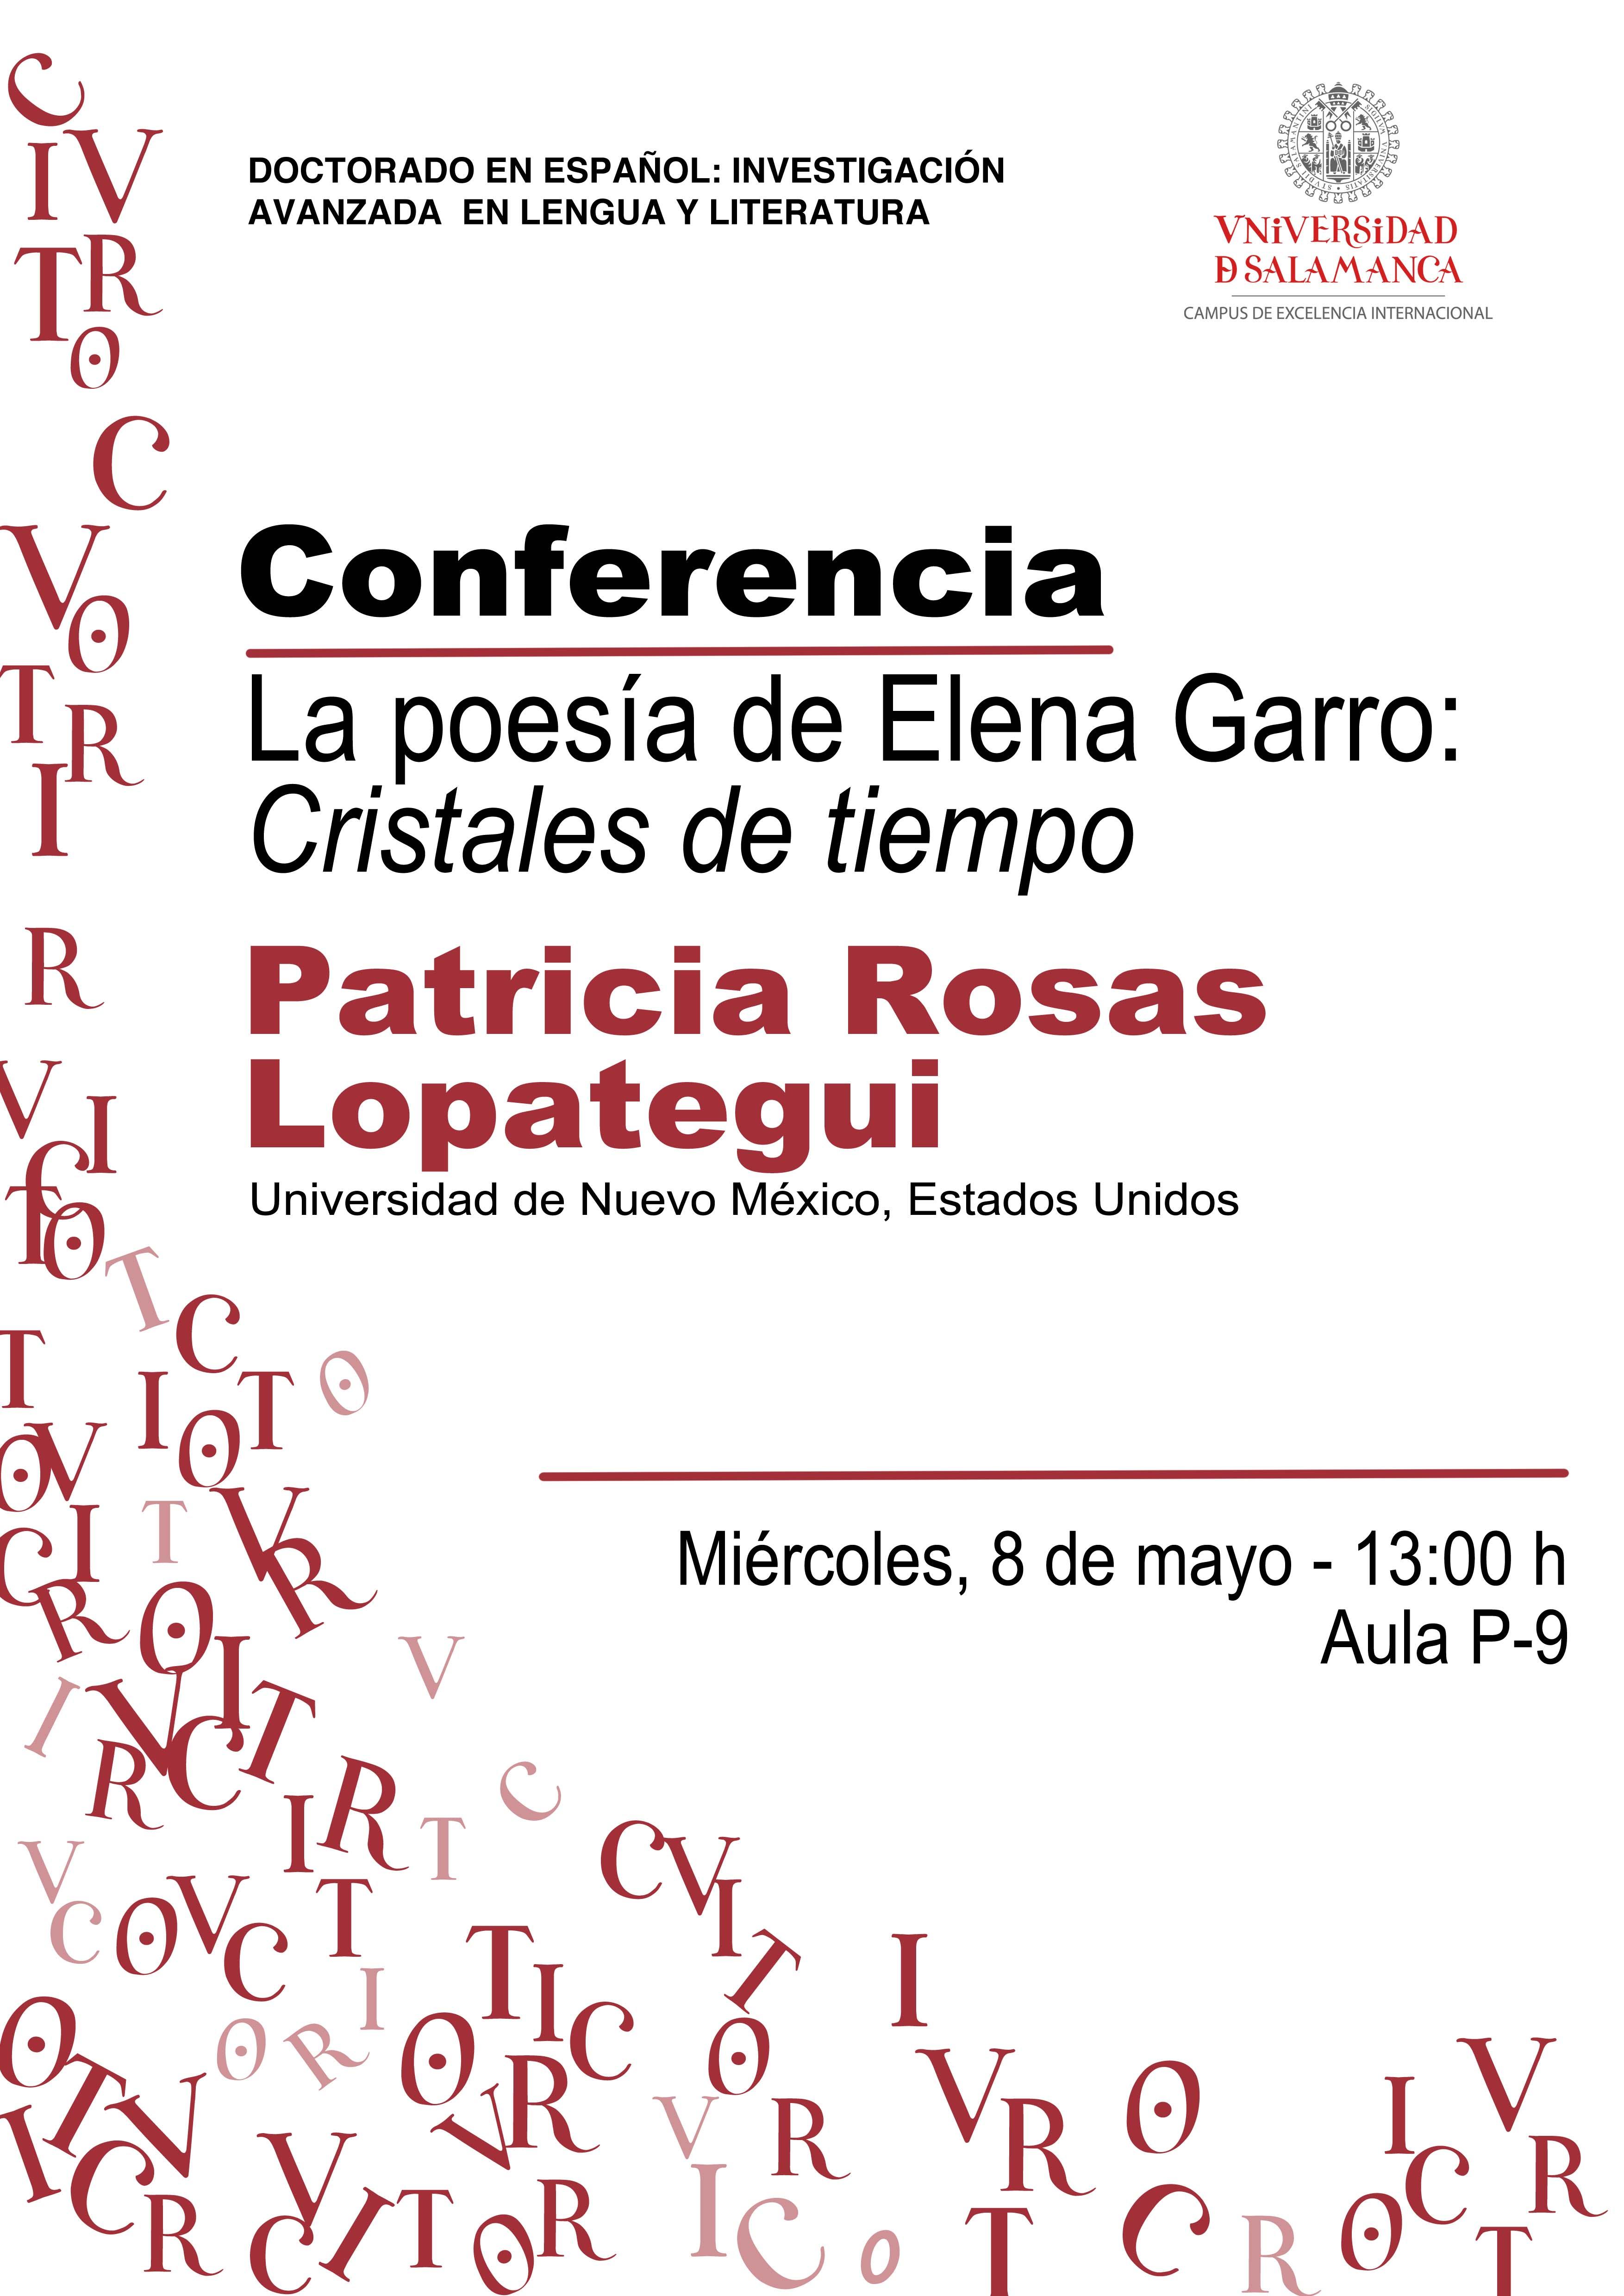 Conferencia de Patricia Rosas Lopategui